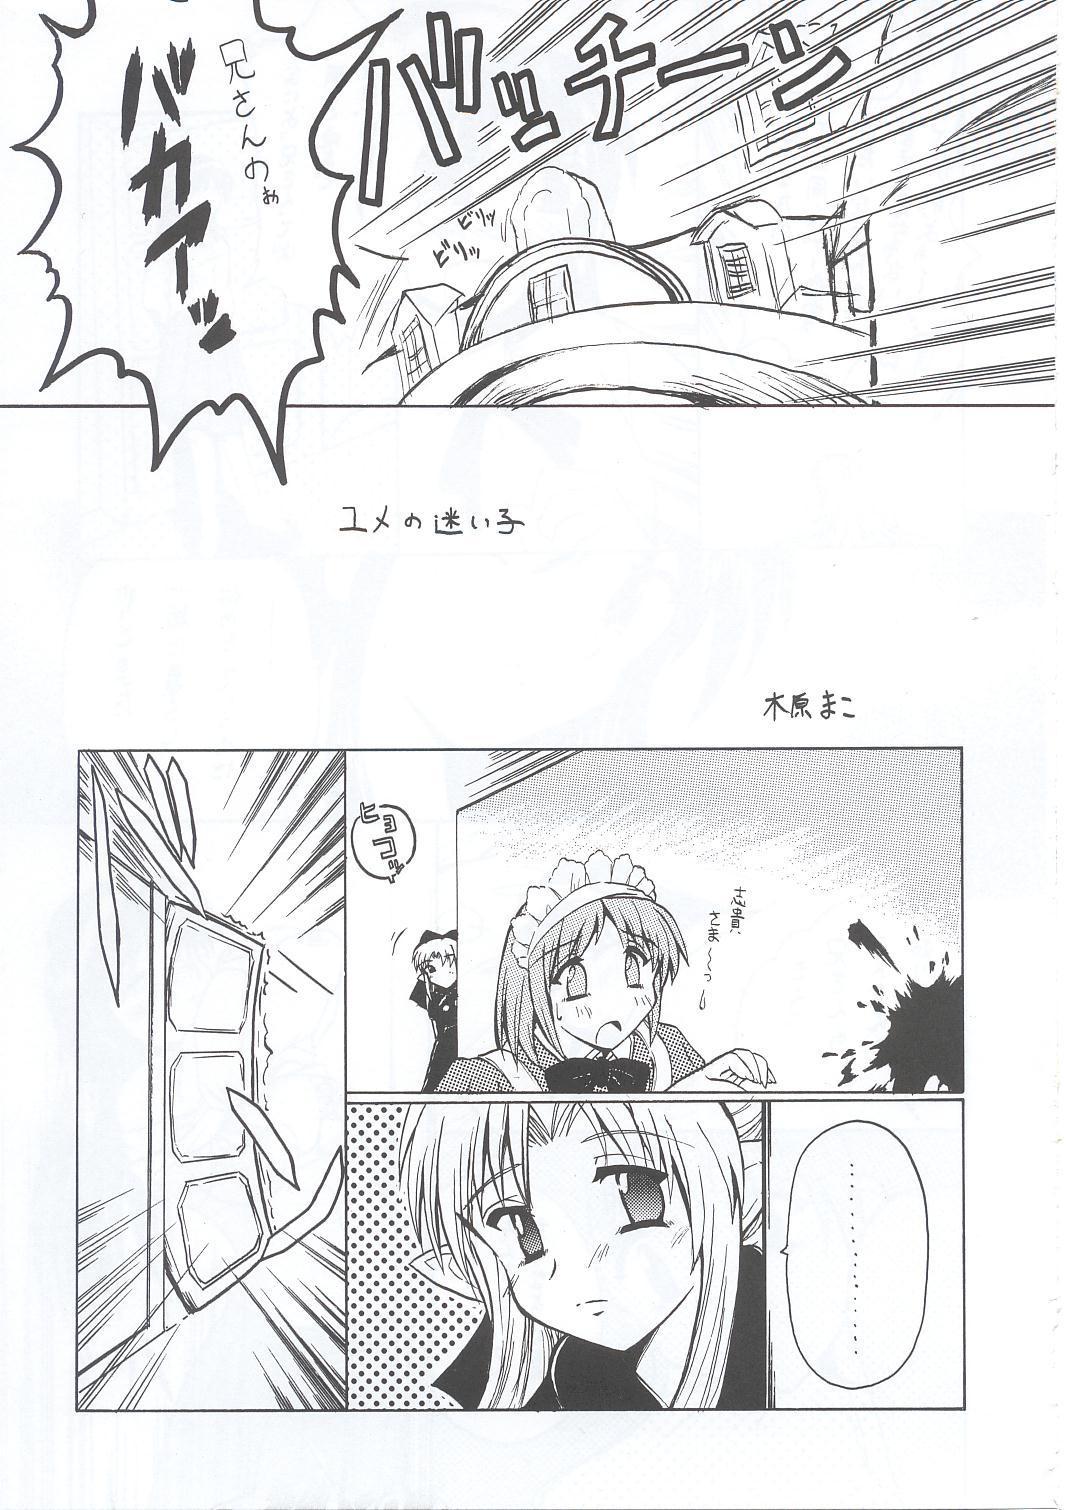 Tsukiyo ni Futari 15